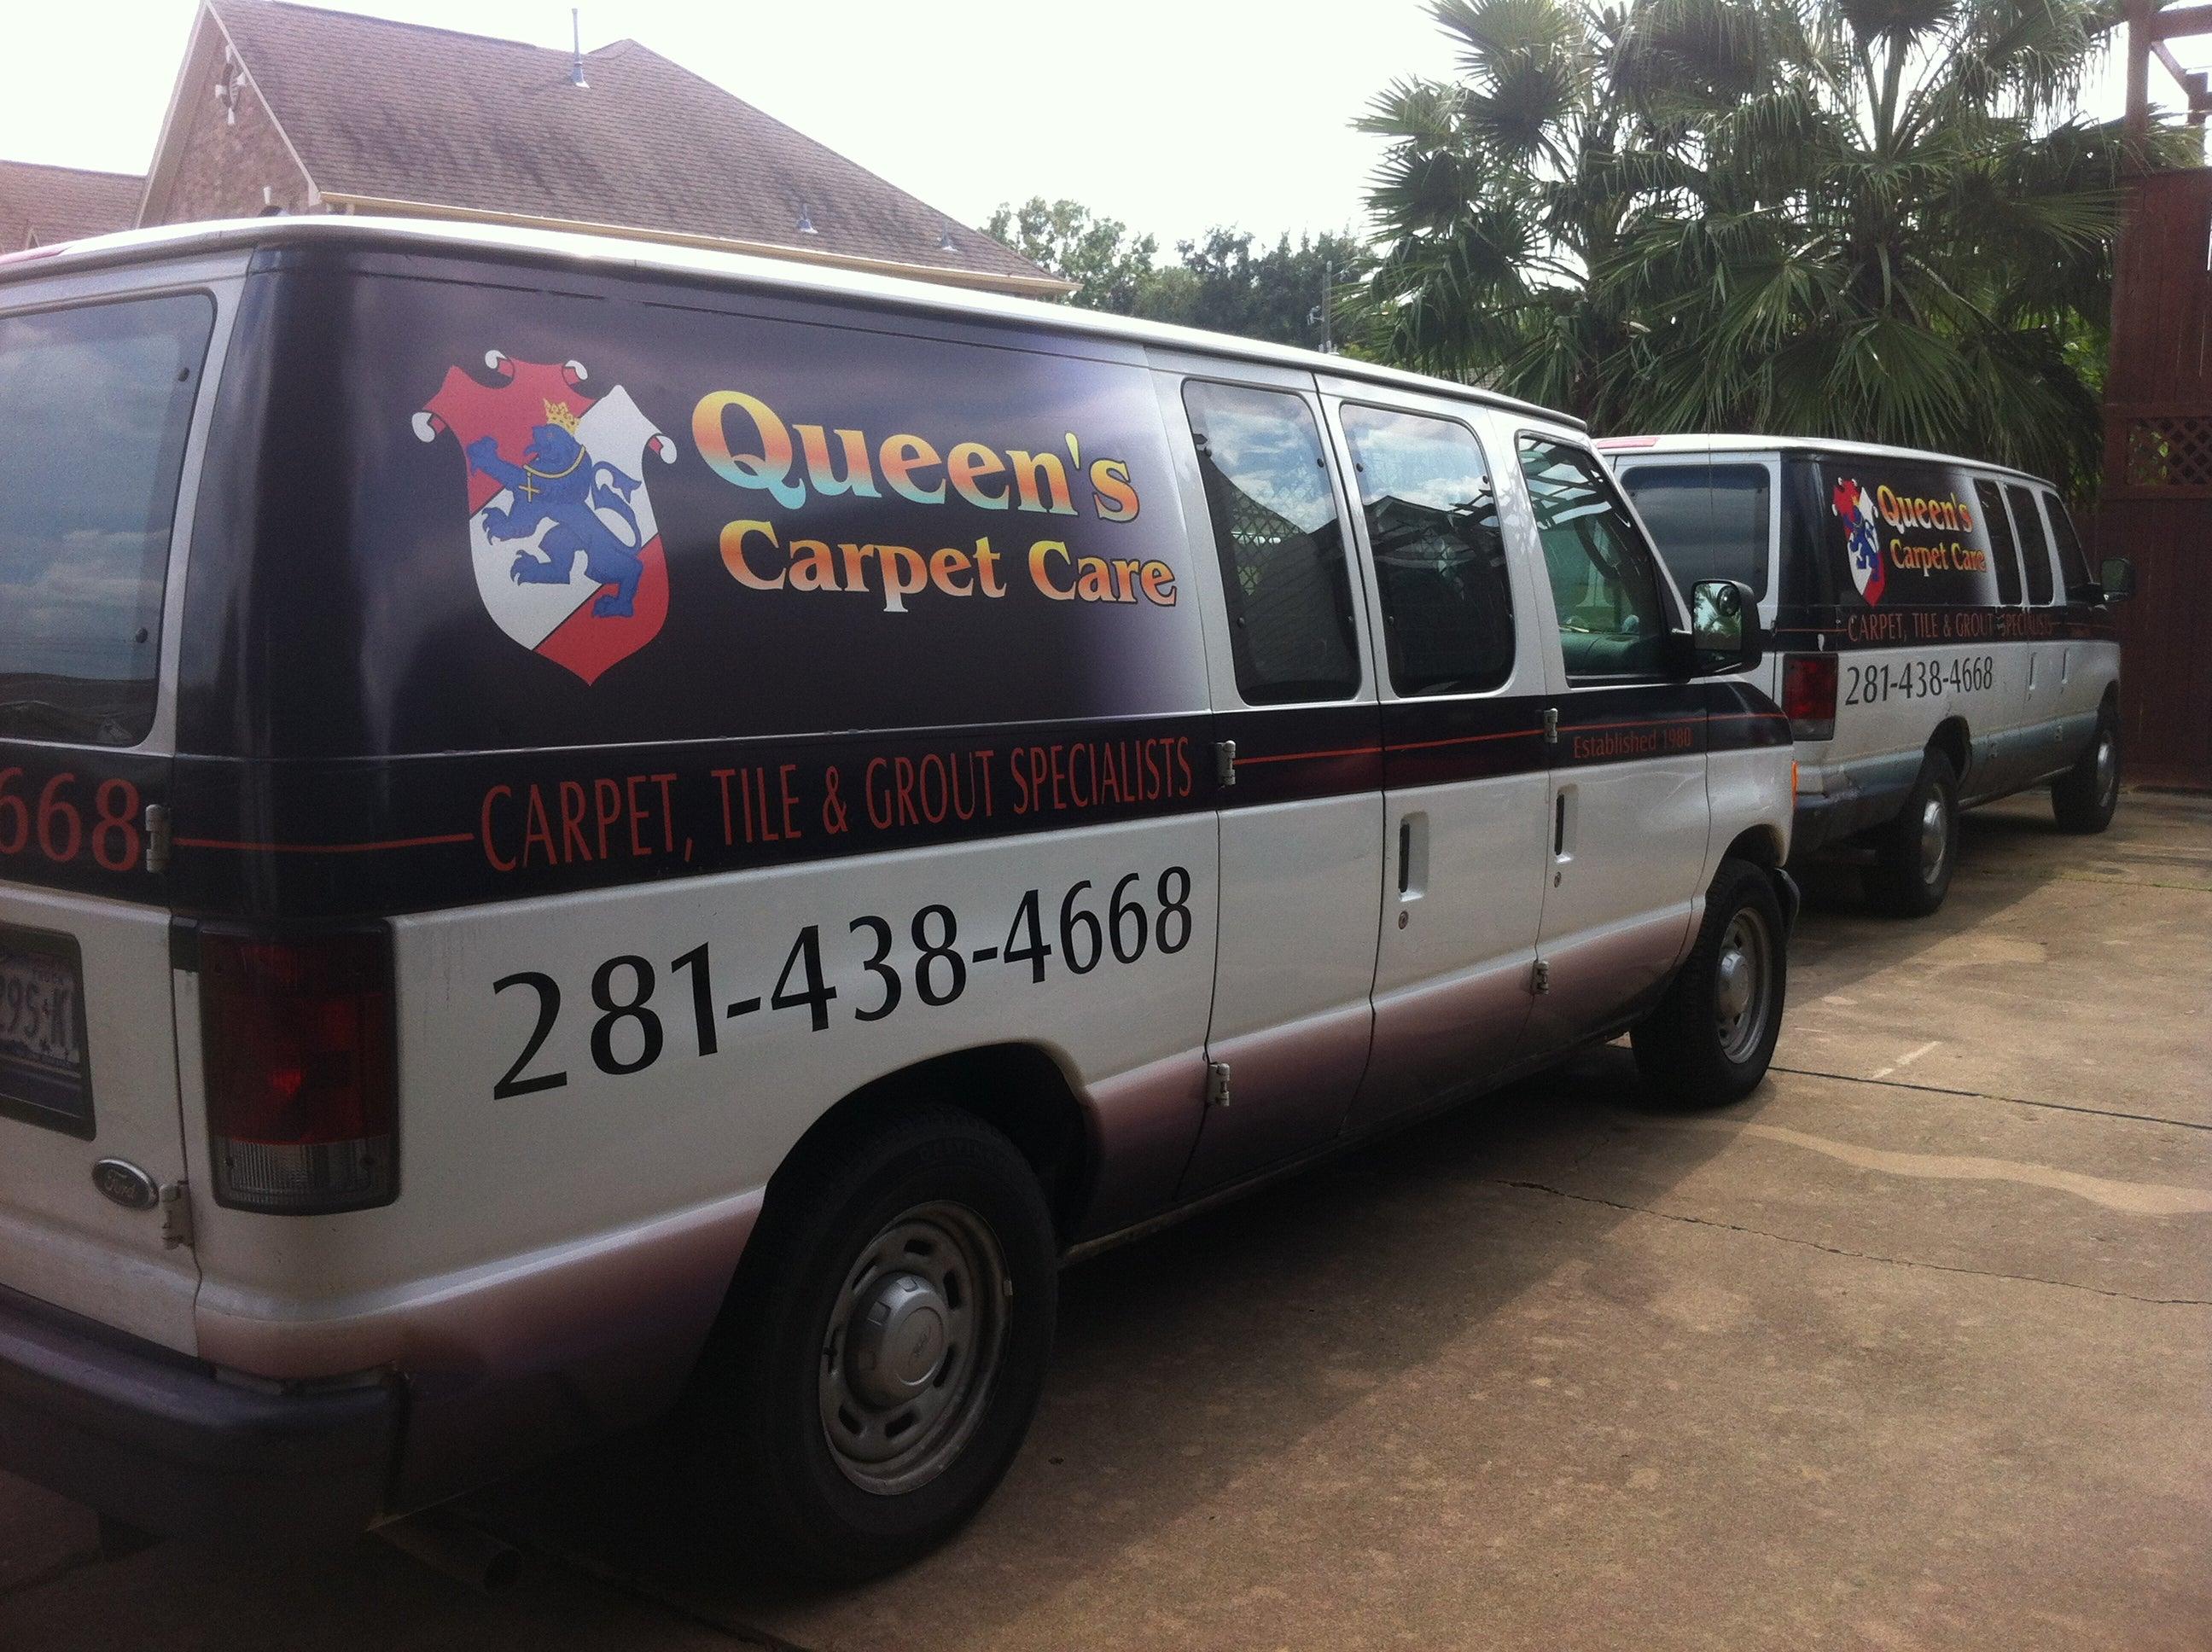 Queen's Carpet Care